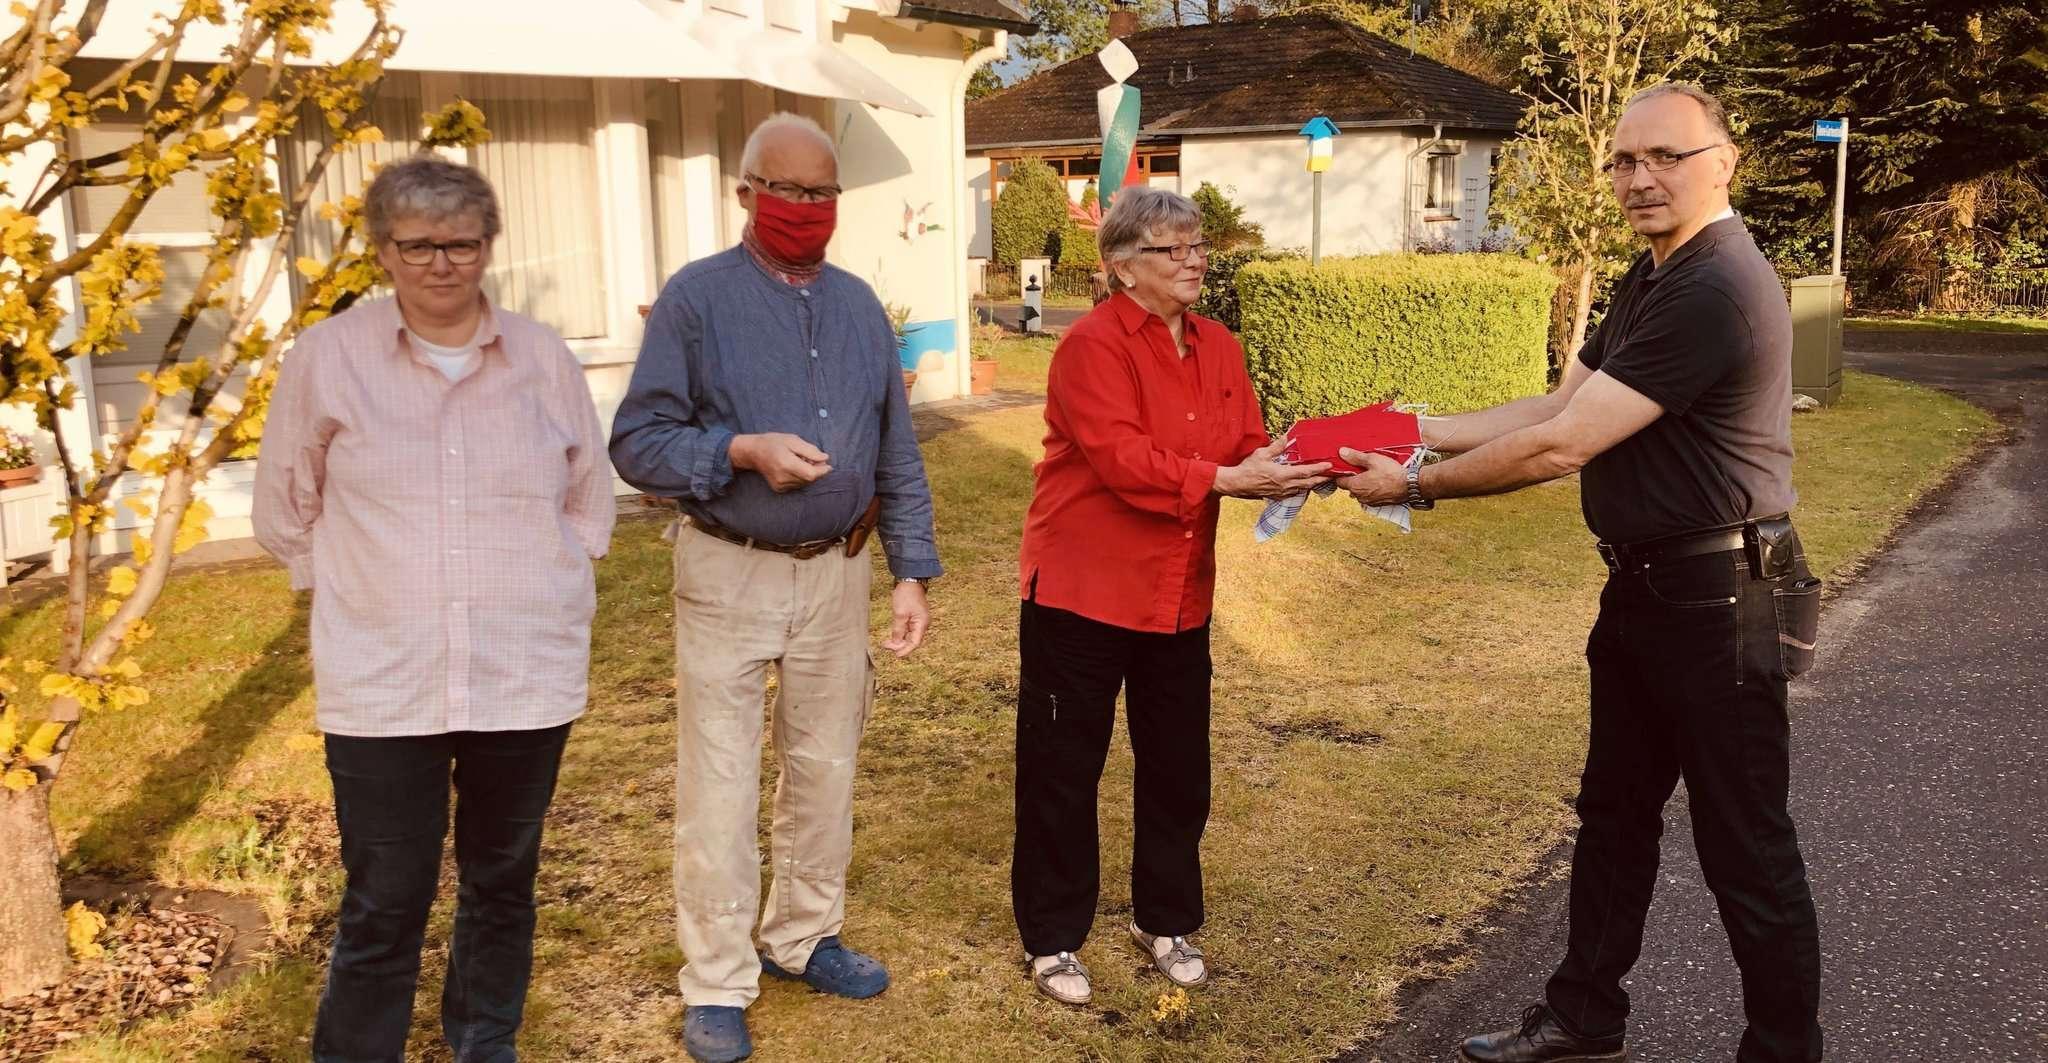 Susanne Große (von links), Dieter Große und Rita Große übergaben die Masken an den Ortsbrandmeister Oliver Große.